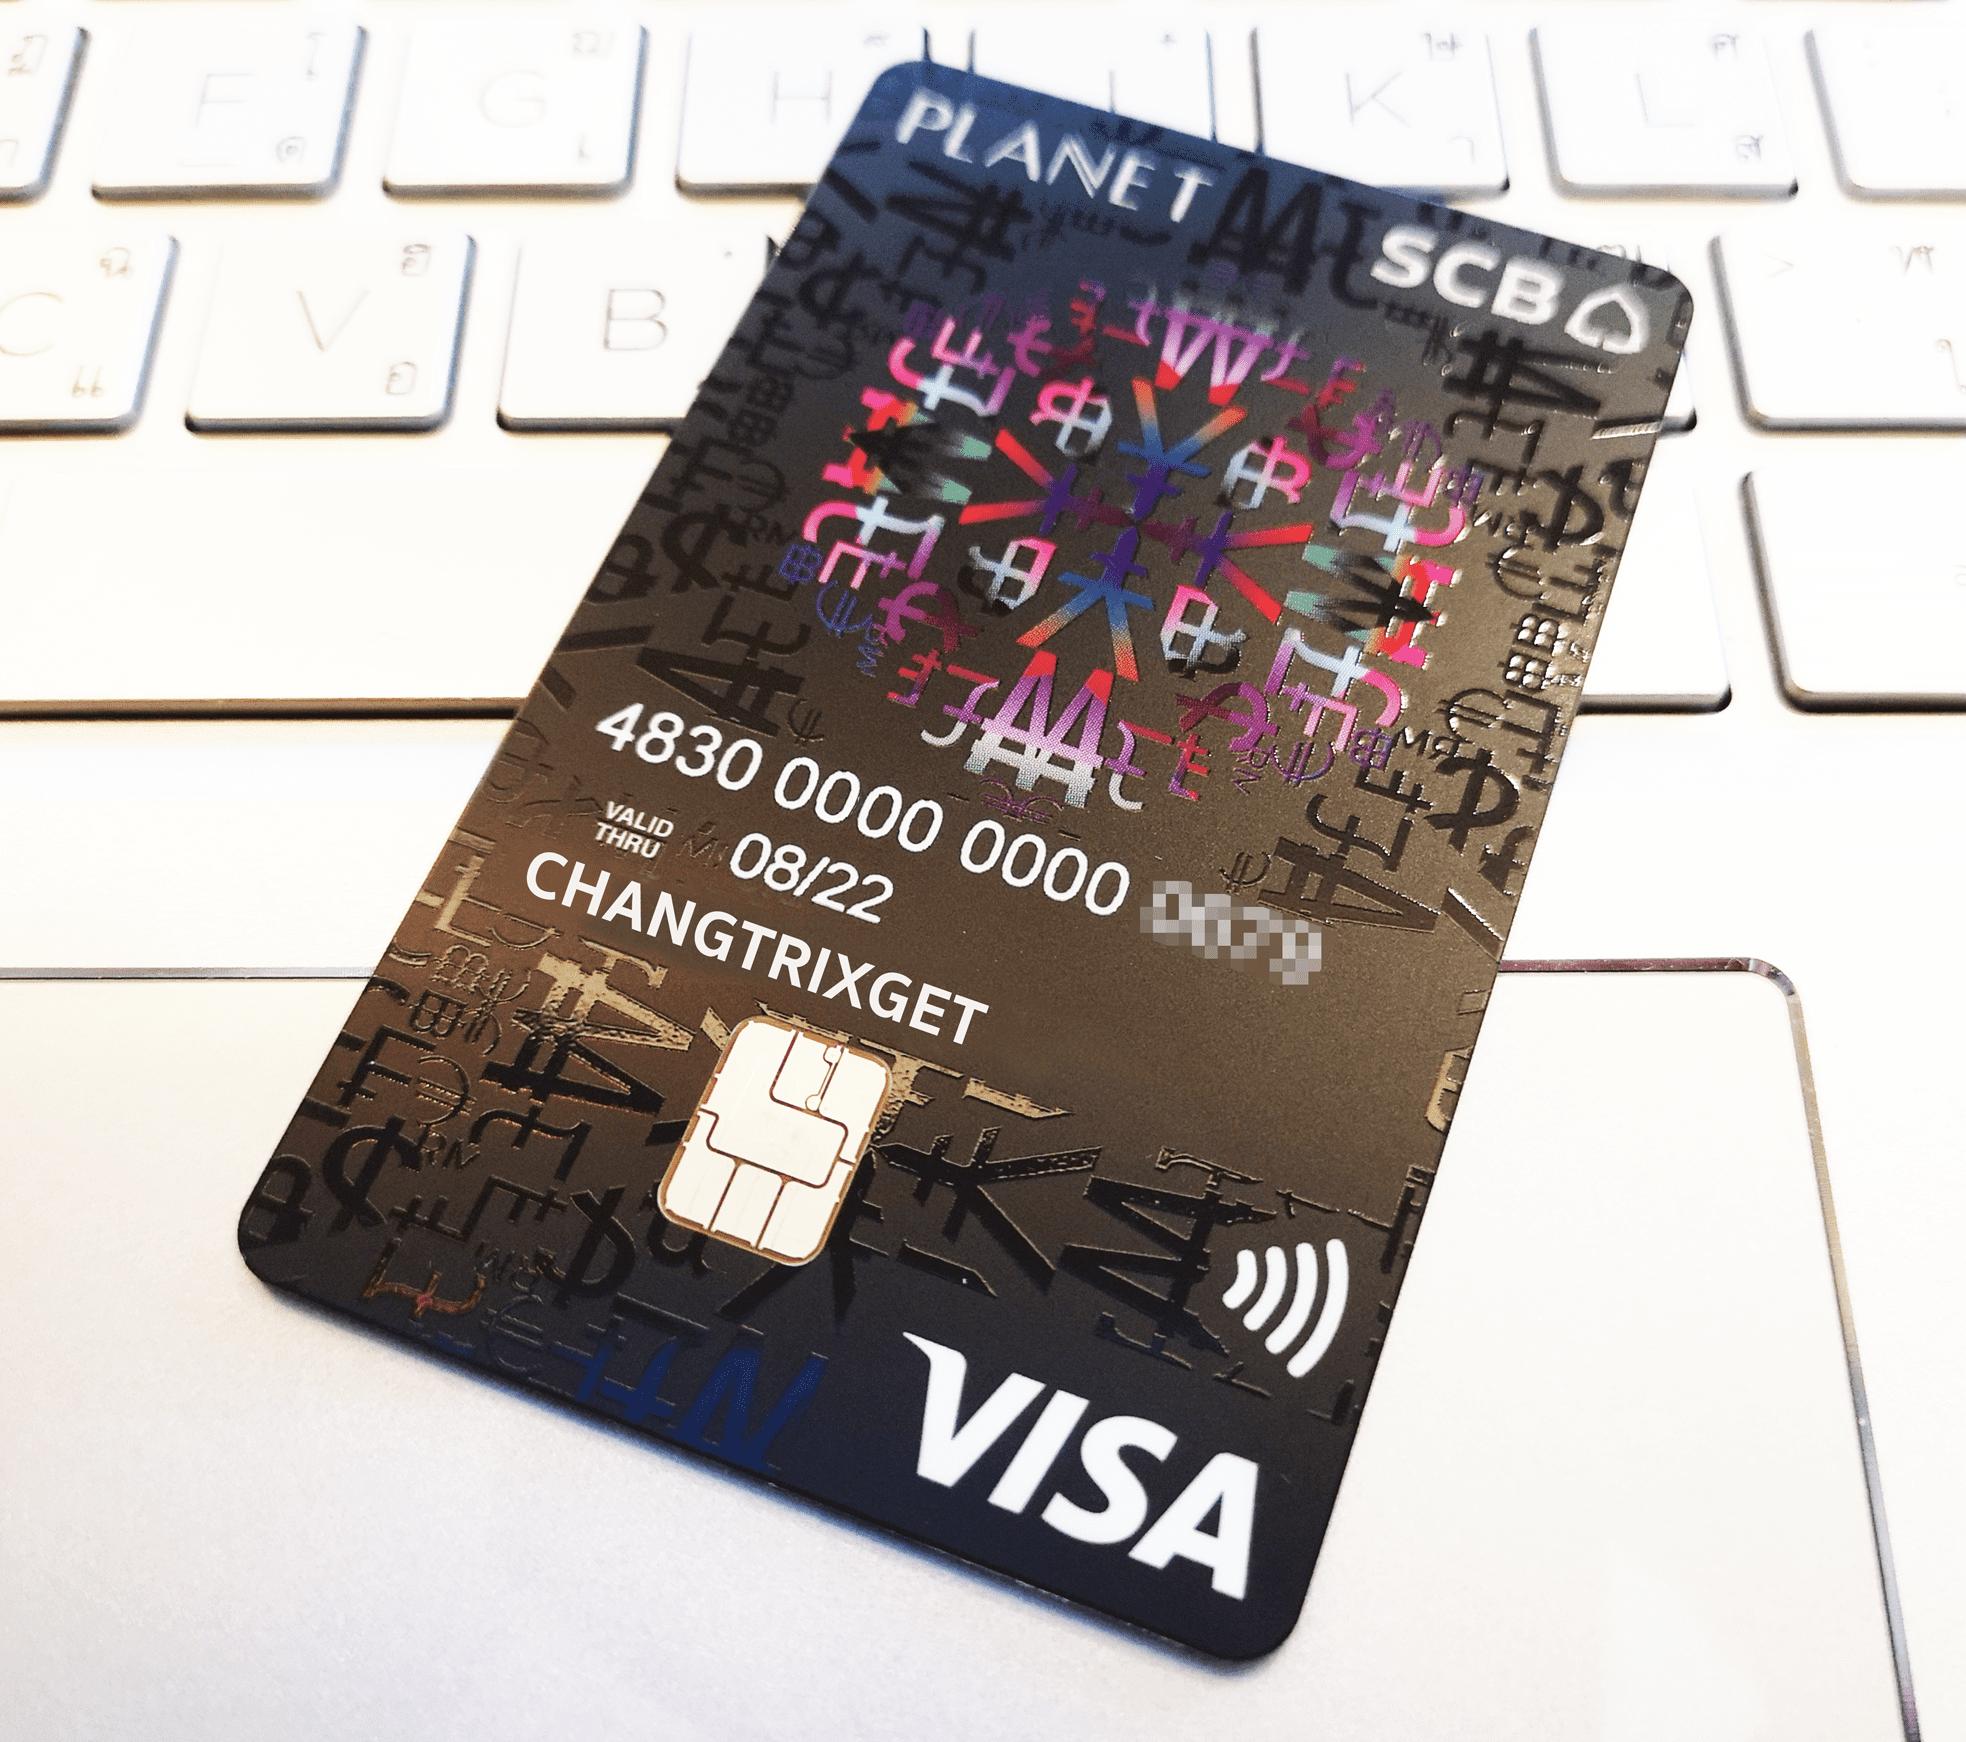 บัตรแลกเงิน planet scb